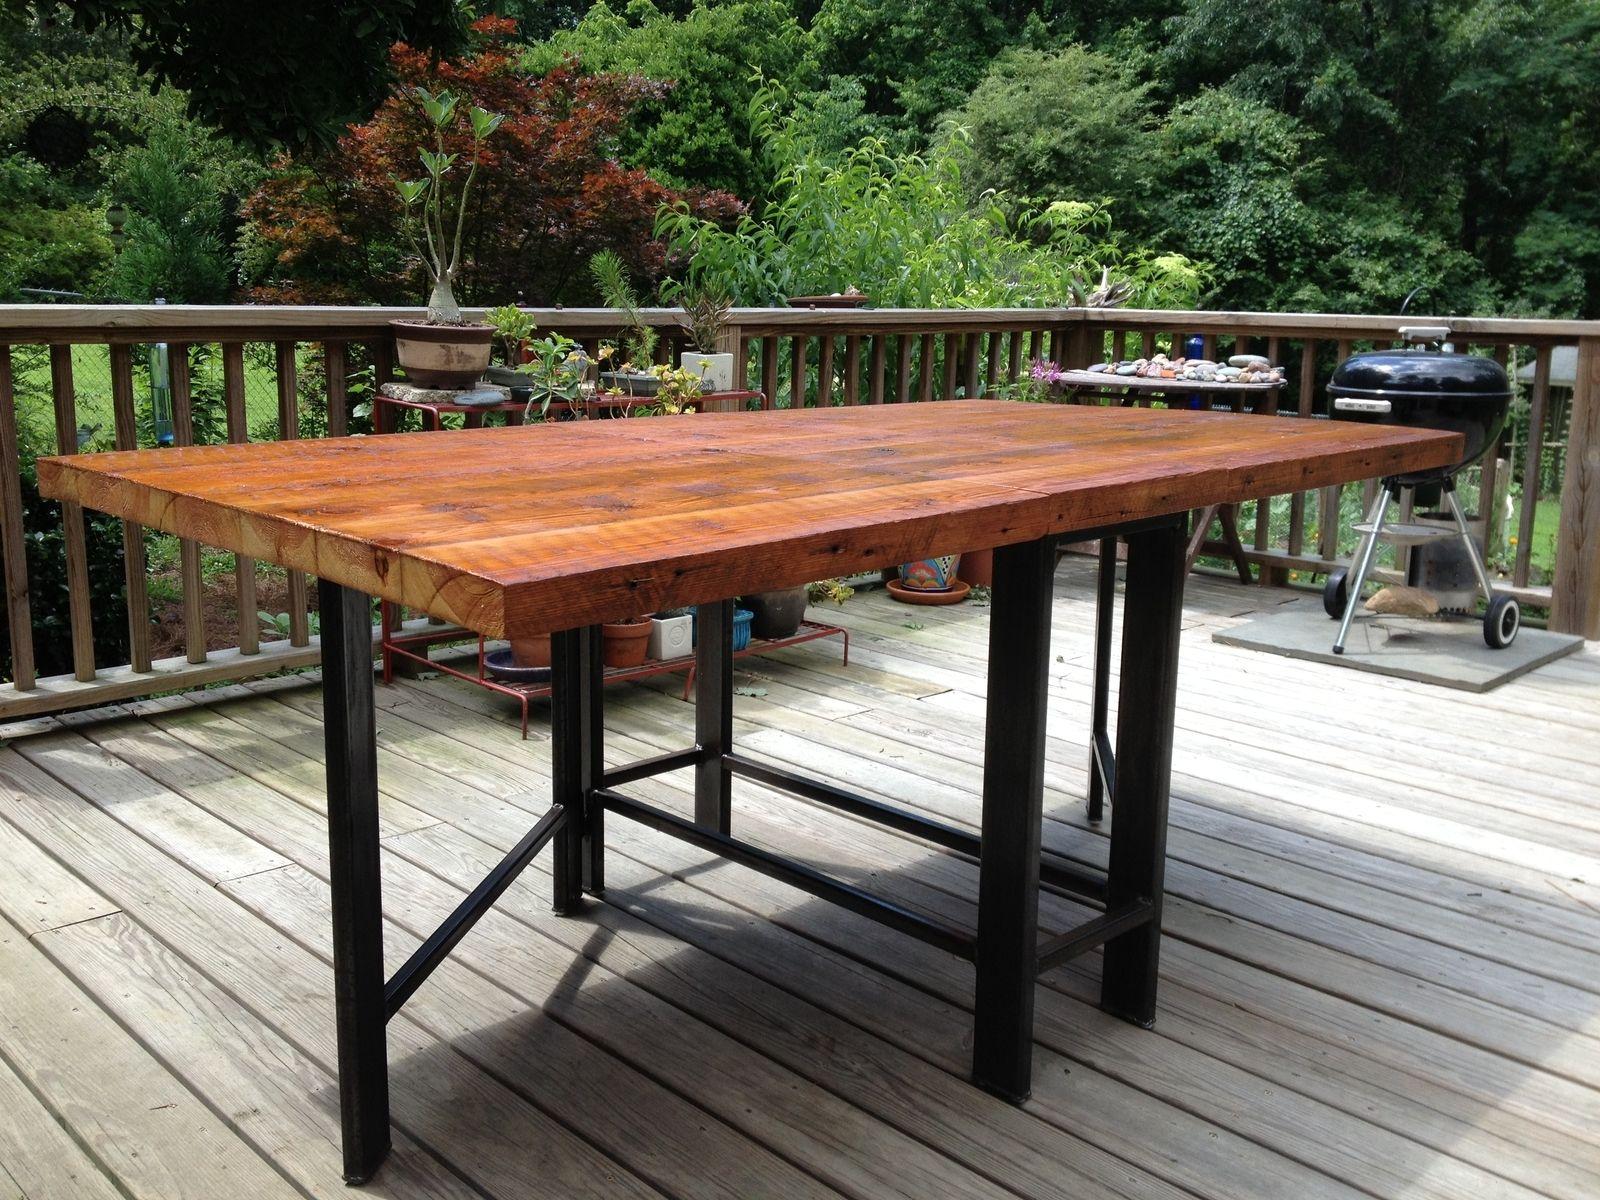 Handmade Gateleg Table by Five Fork Studio